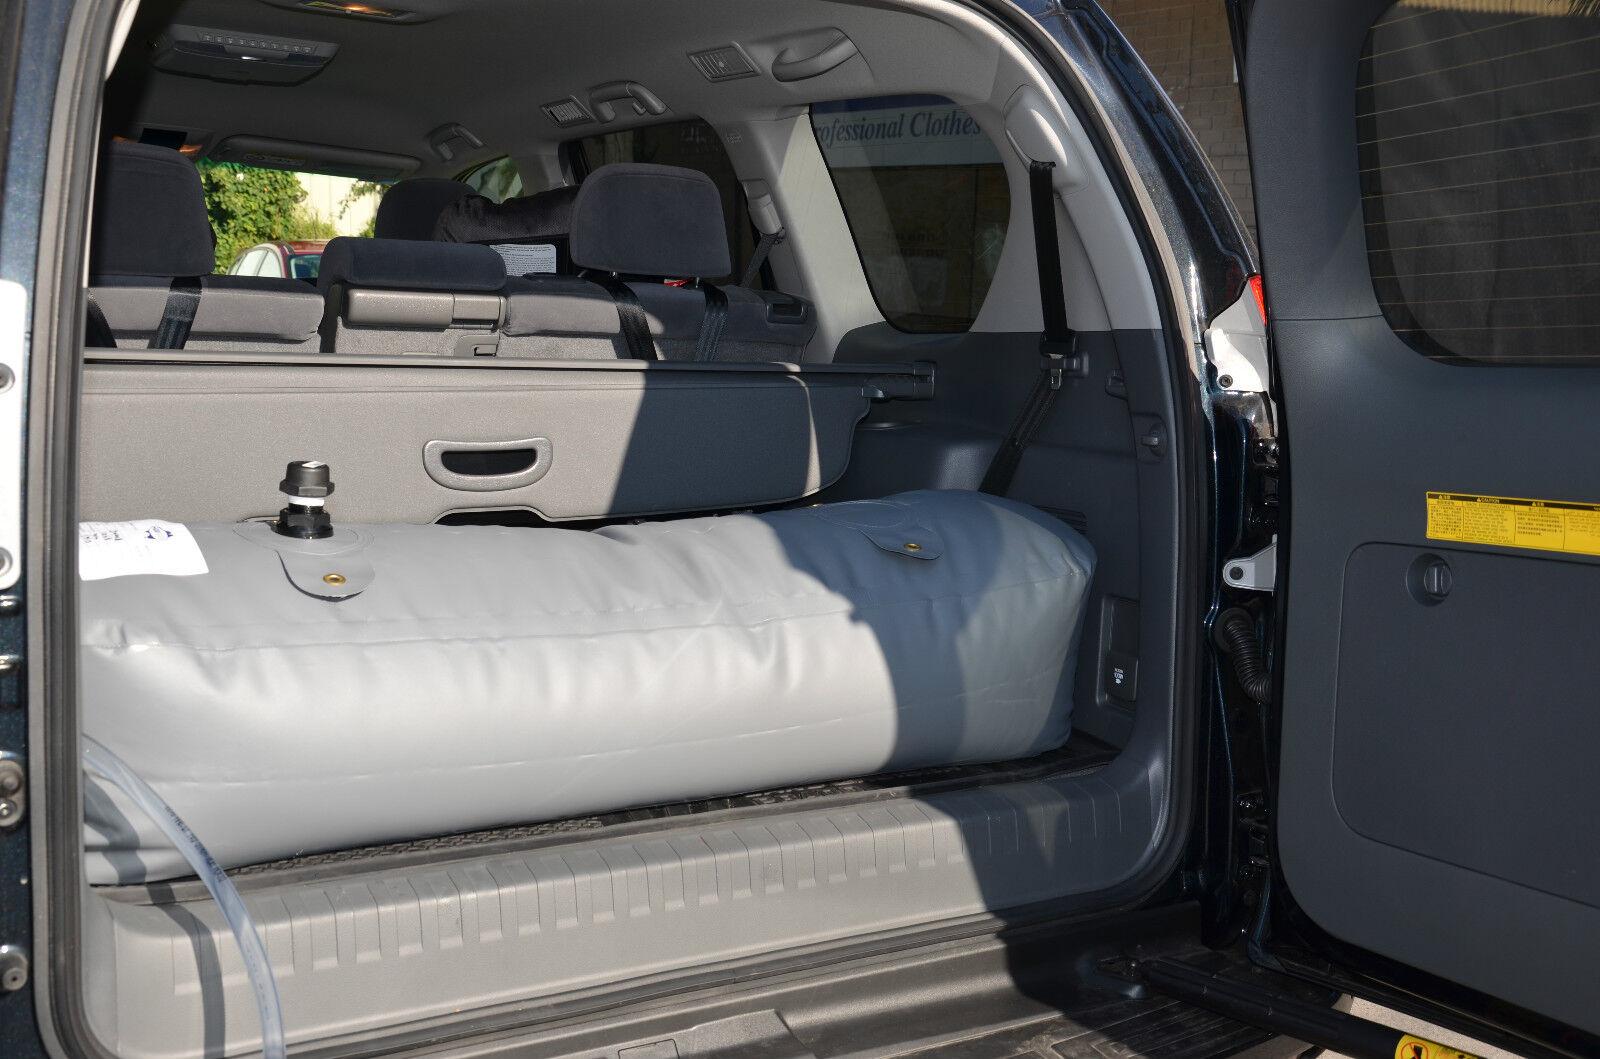 140Ltrs 4x4, 4wd and SUV Accessories 1350mm x x x 450mm x 250mm Box Type - DW140B a9a857